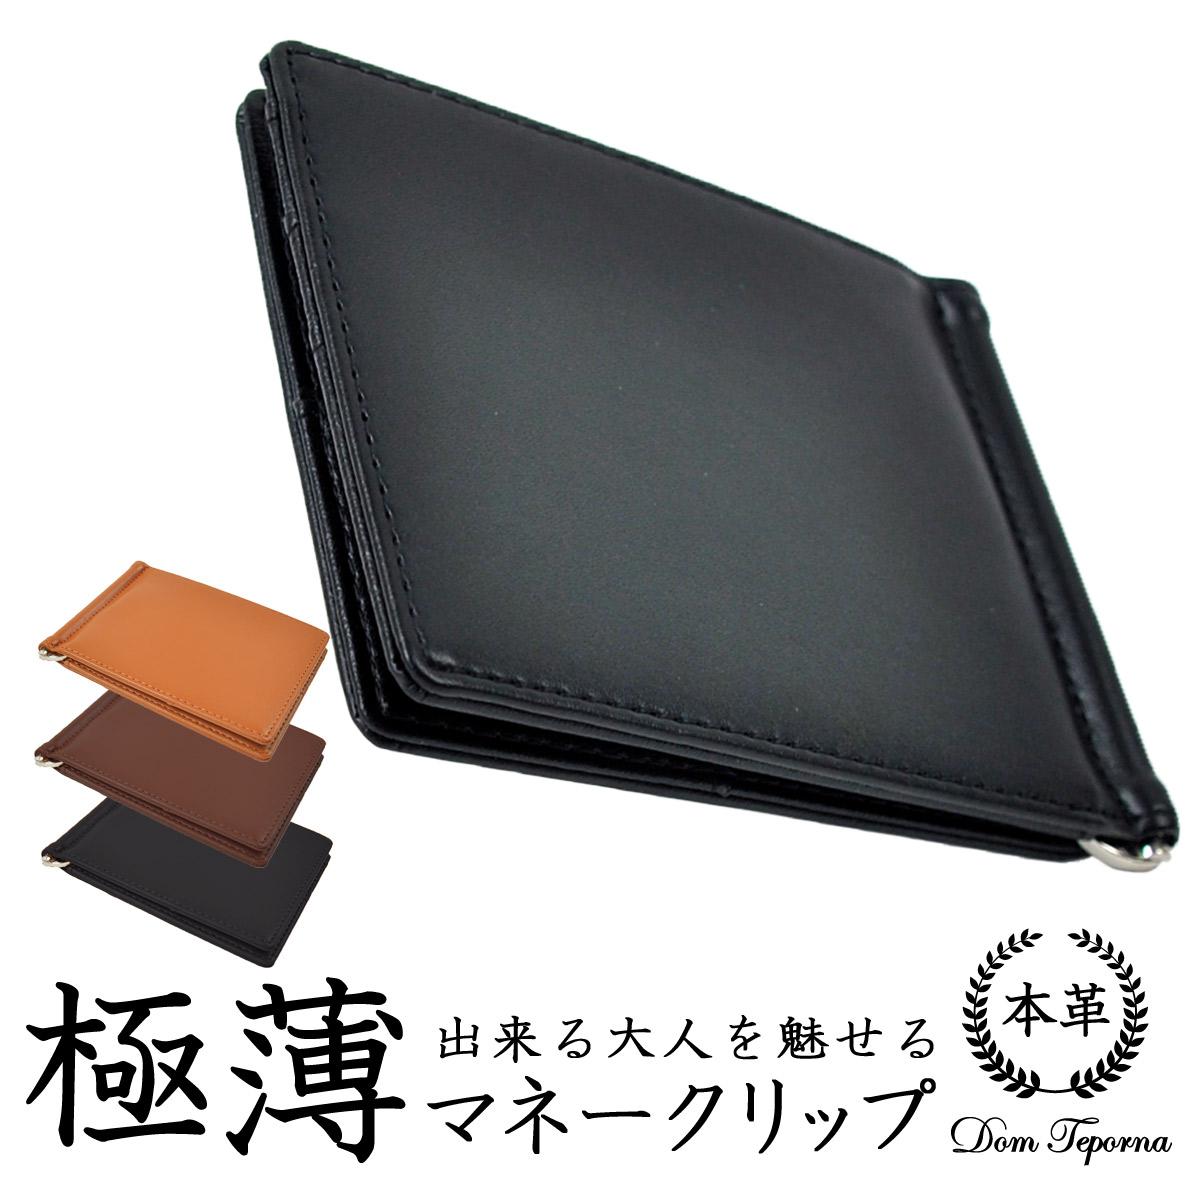 マネークリップ式薄型財布